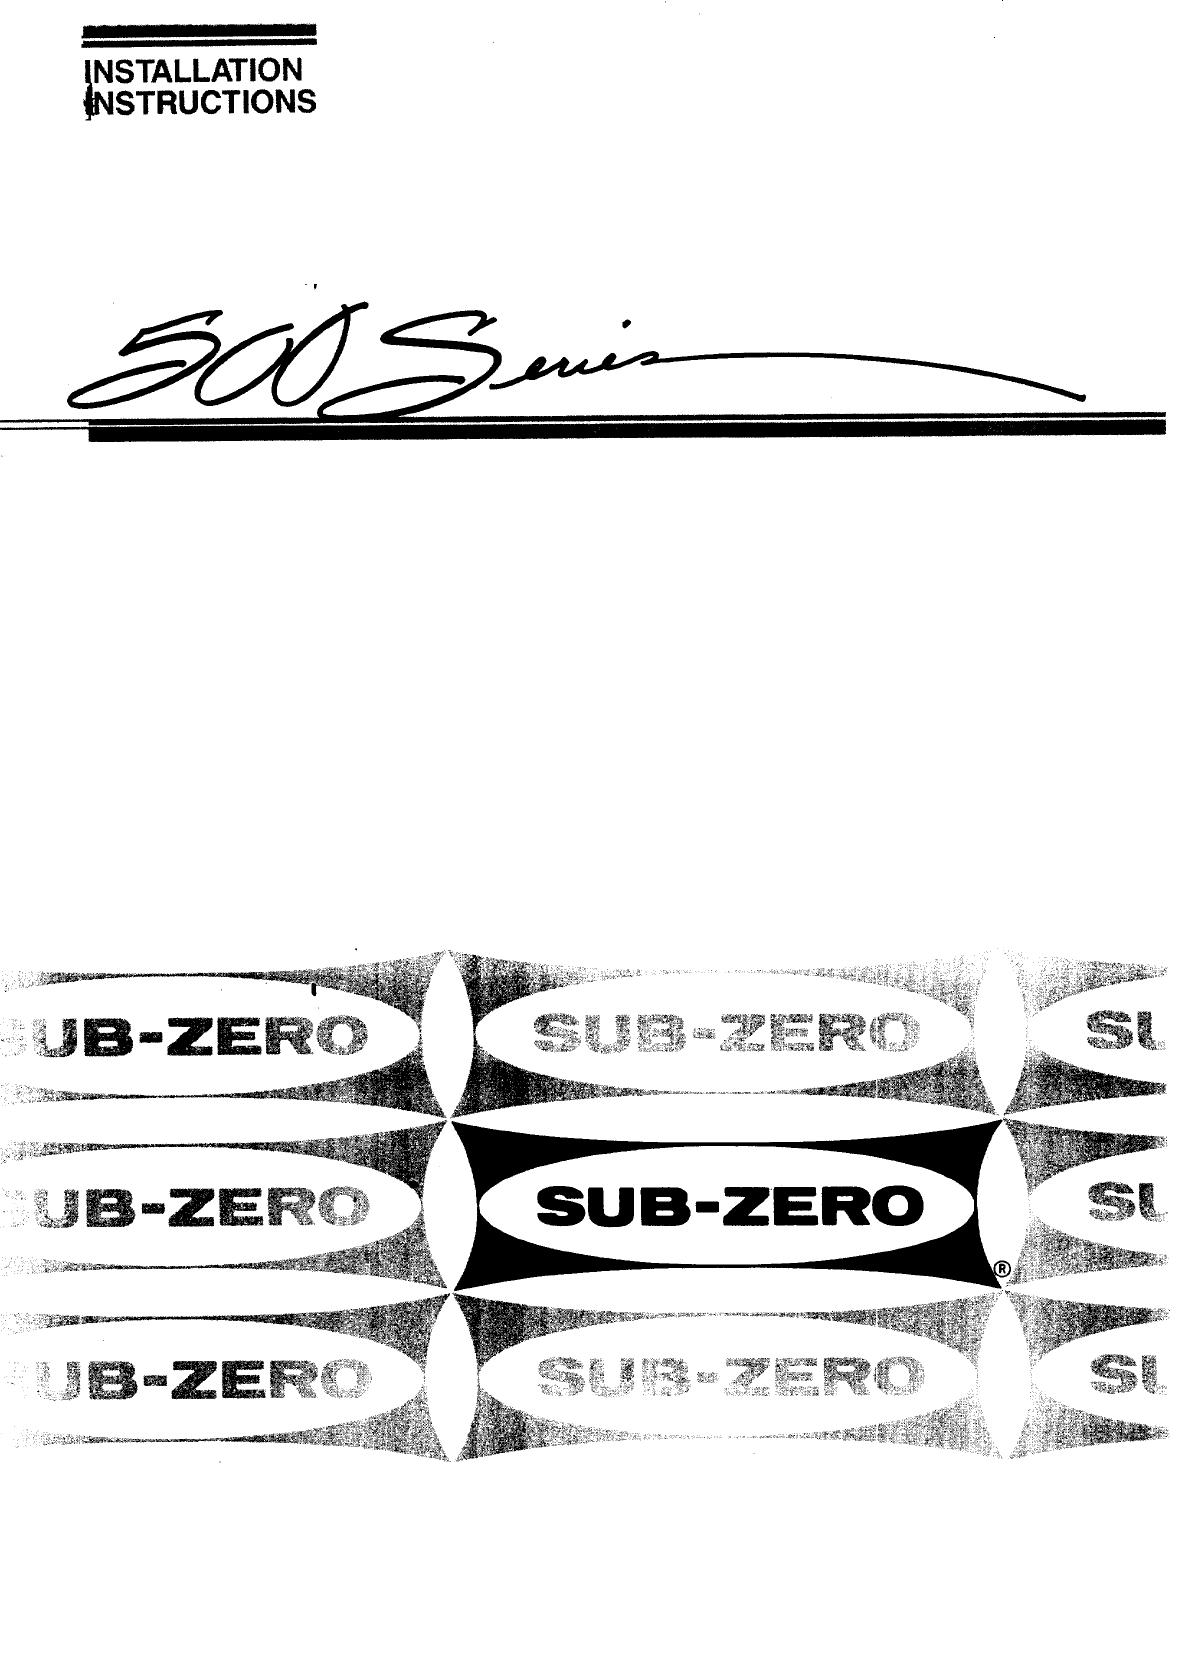 Sub Zero Refrigerator 542 User Guide Manualsonline Com